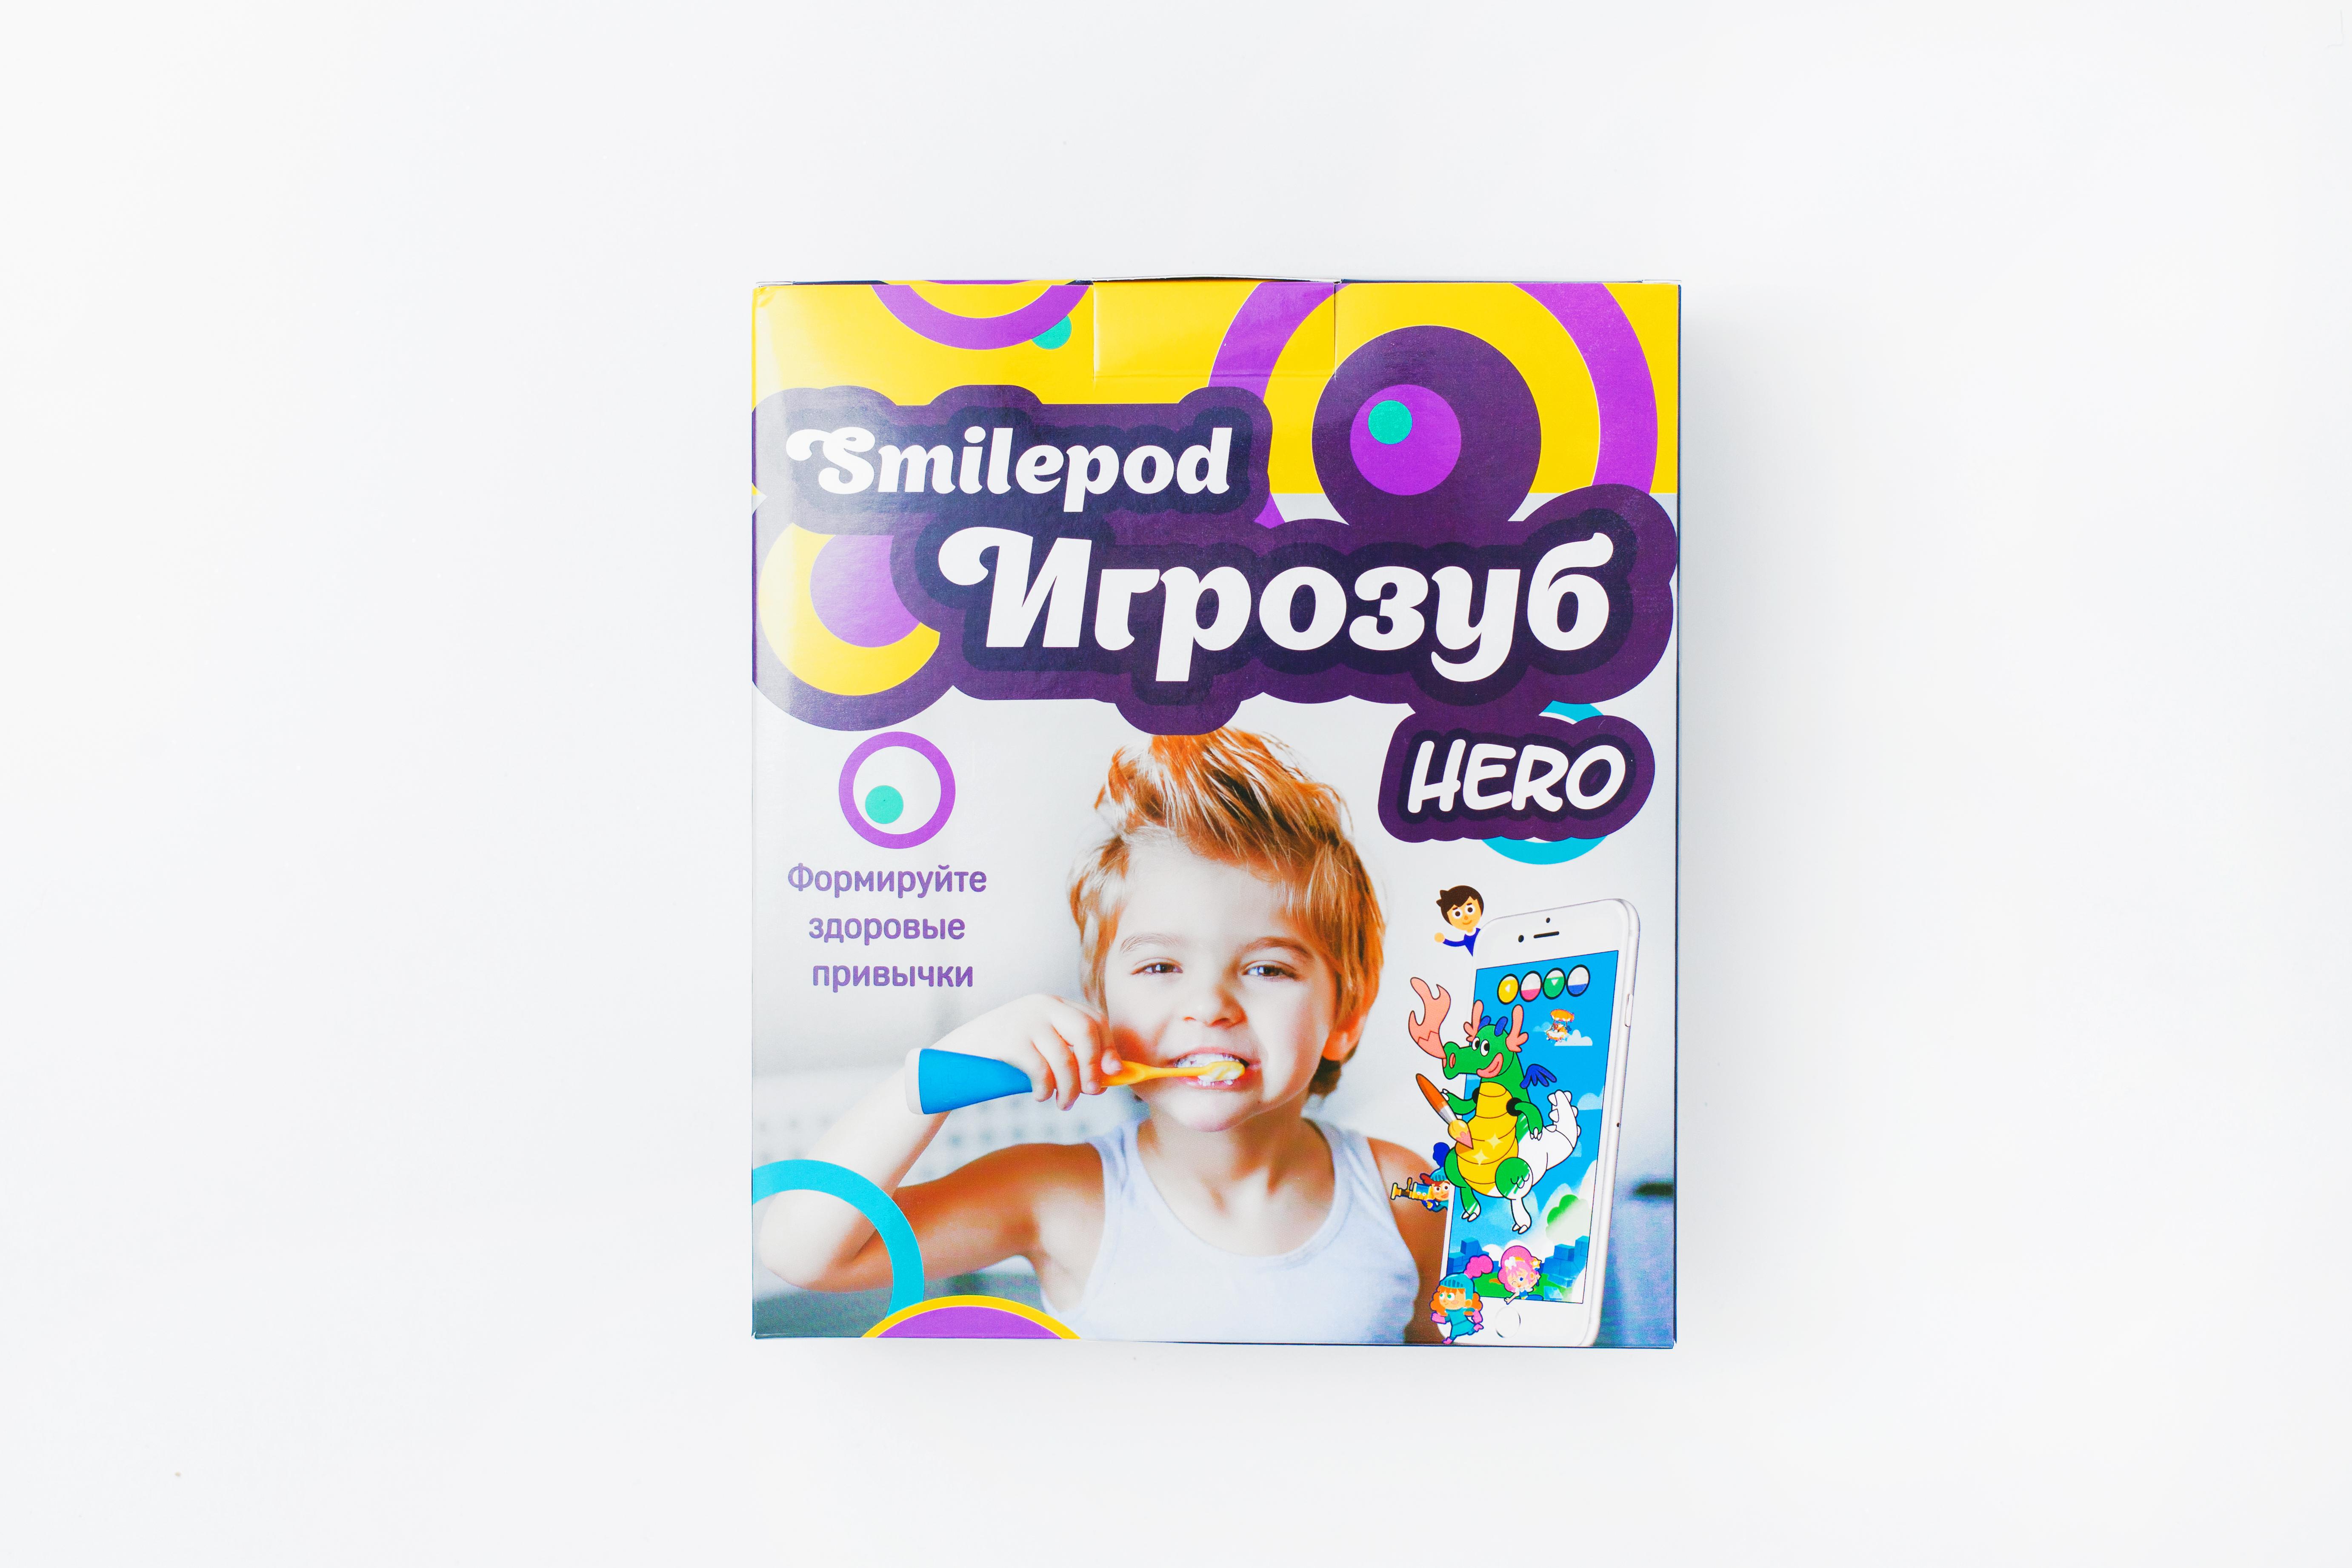 Smilepod Игрозуб Hero, Blue детский обучающий набор для чистки зубов